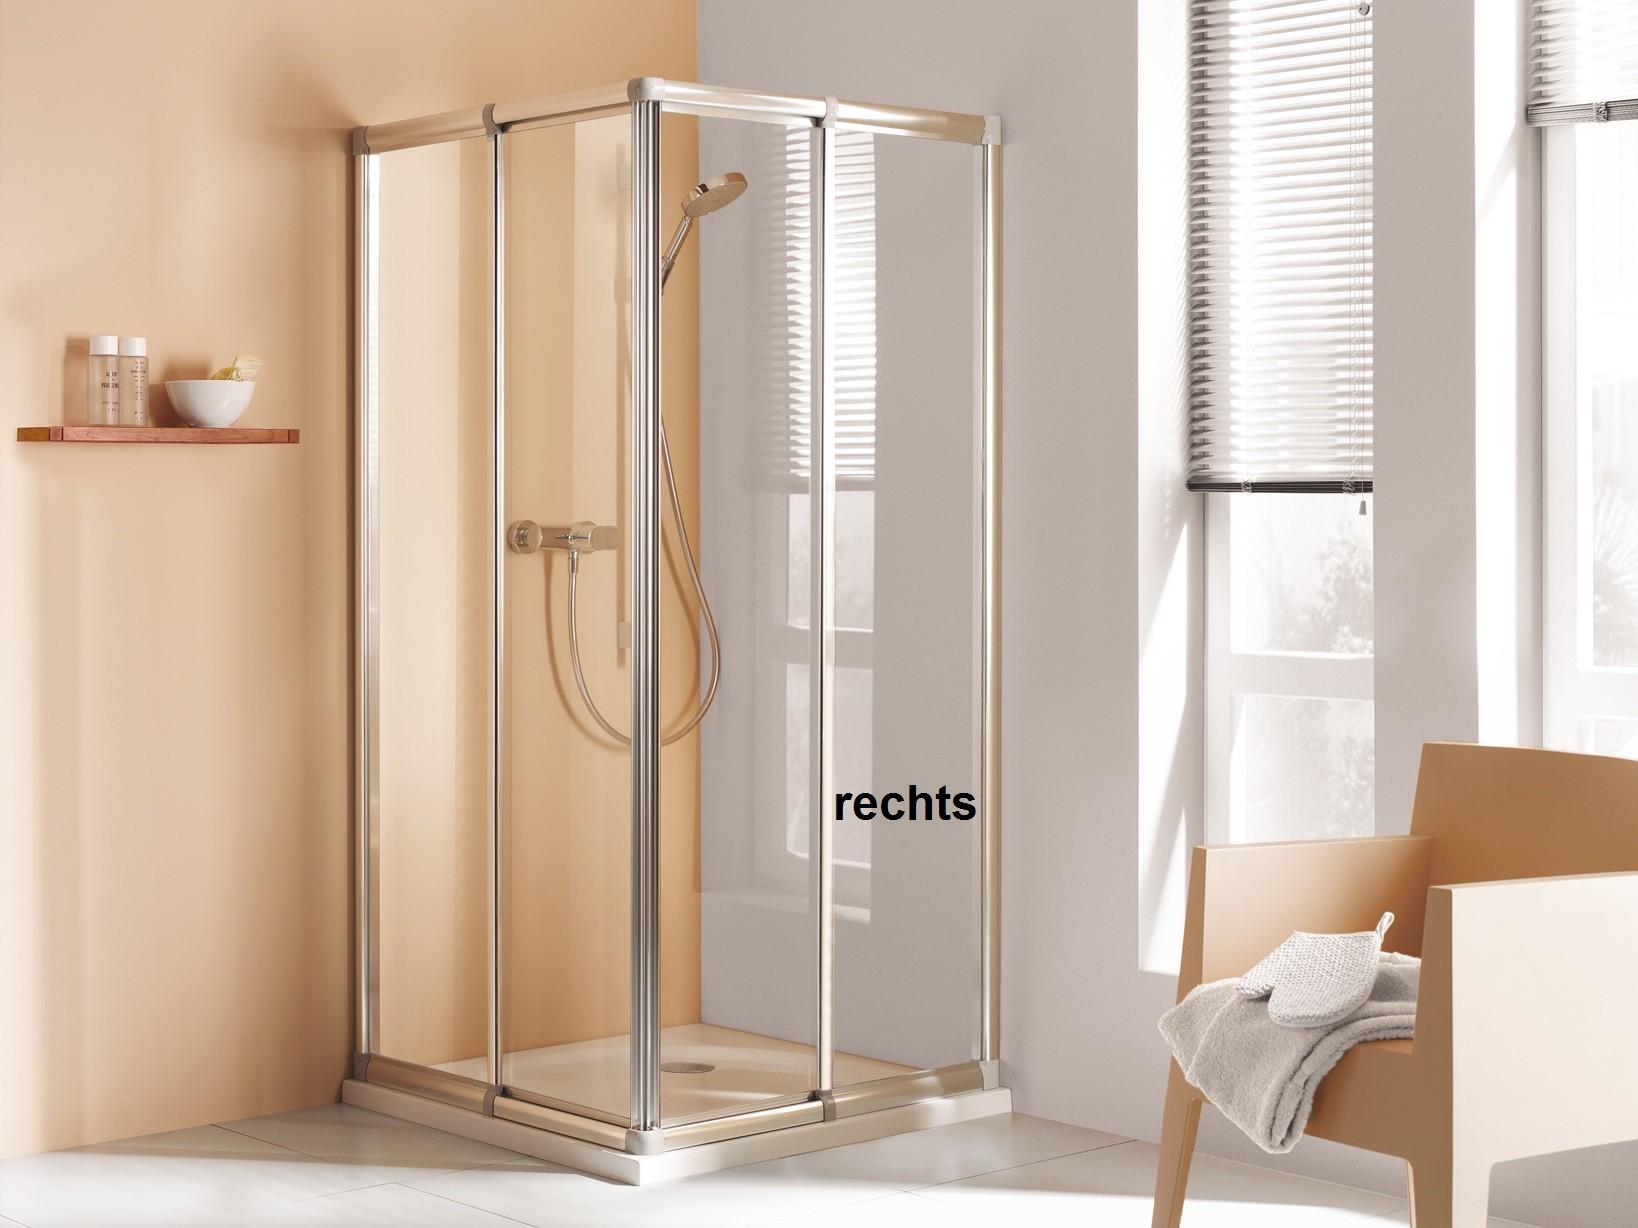 dusche eckeinstieg schiebet ren h he 175 cm echtglas oder kunstglas. Black Bedroom Furniture Sets. Home Design Ideas